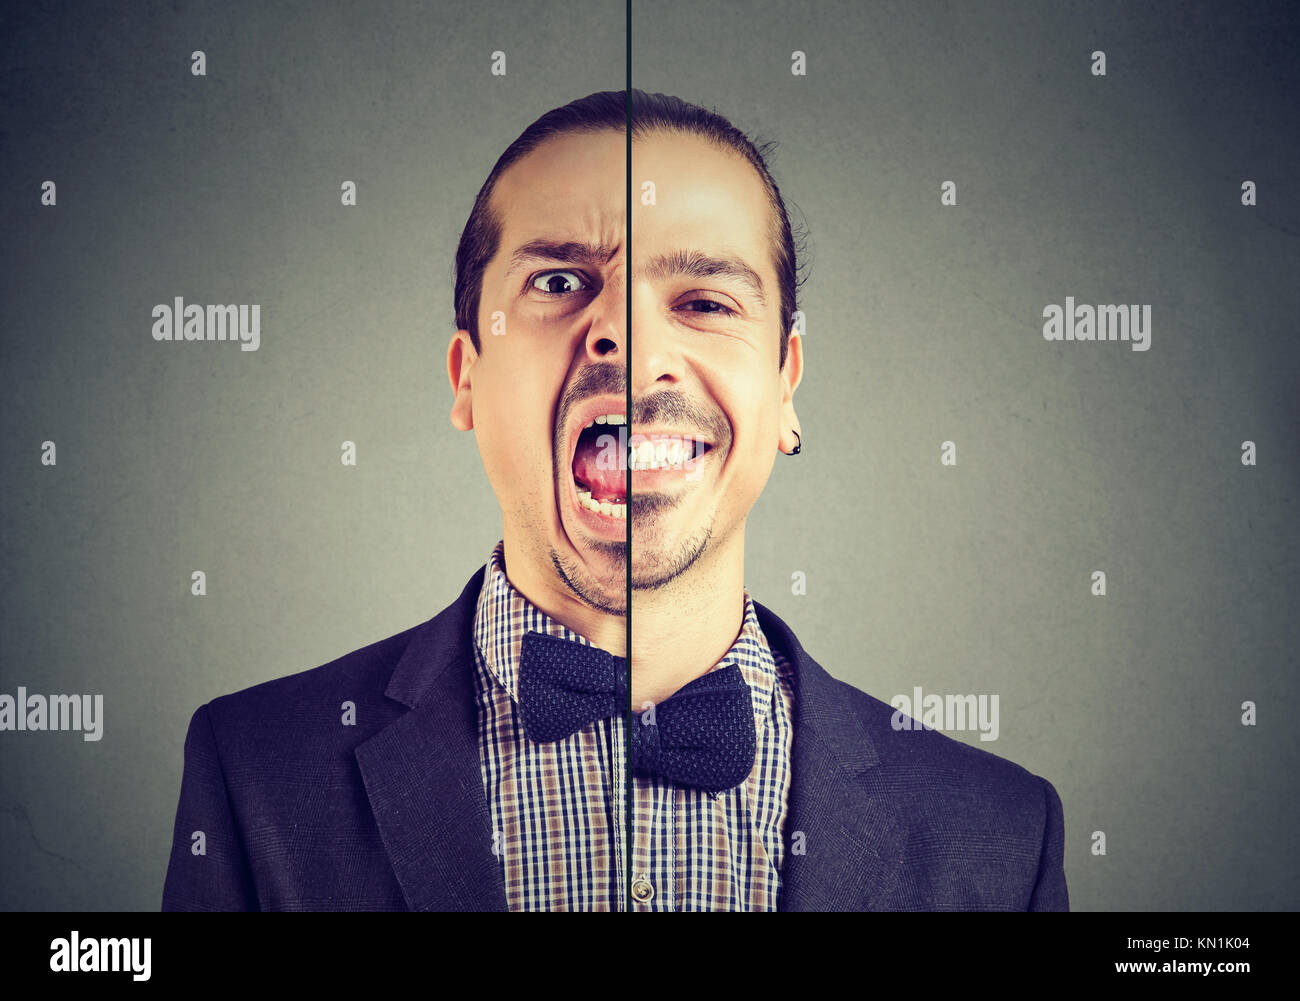 Bipolare Störung Konzept. Junge Geschäftsmann mit einem Gesichtsausdruck auf grauem Hintergrund Stockbild